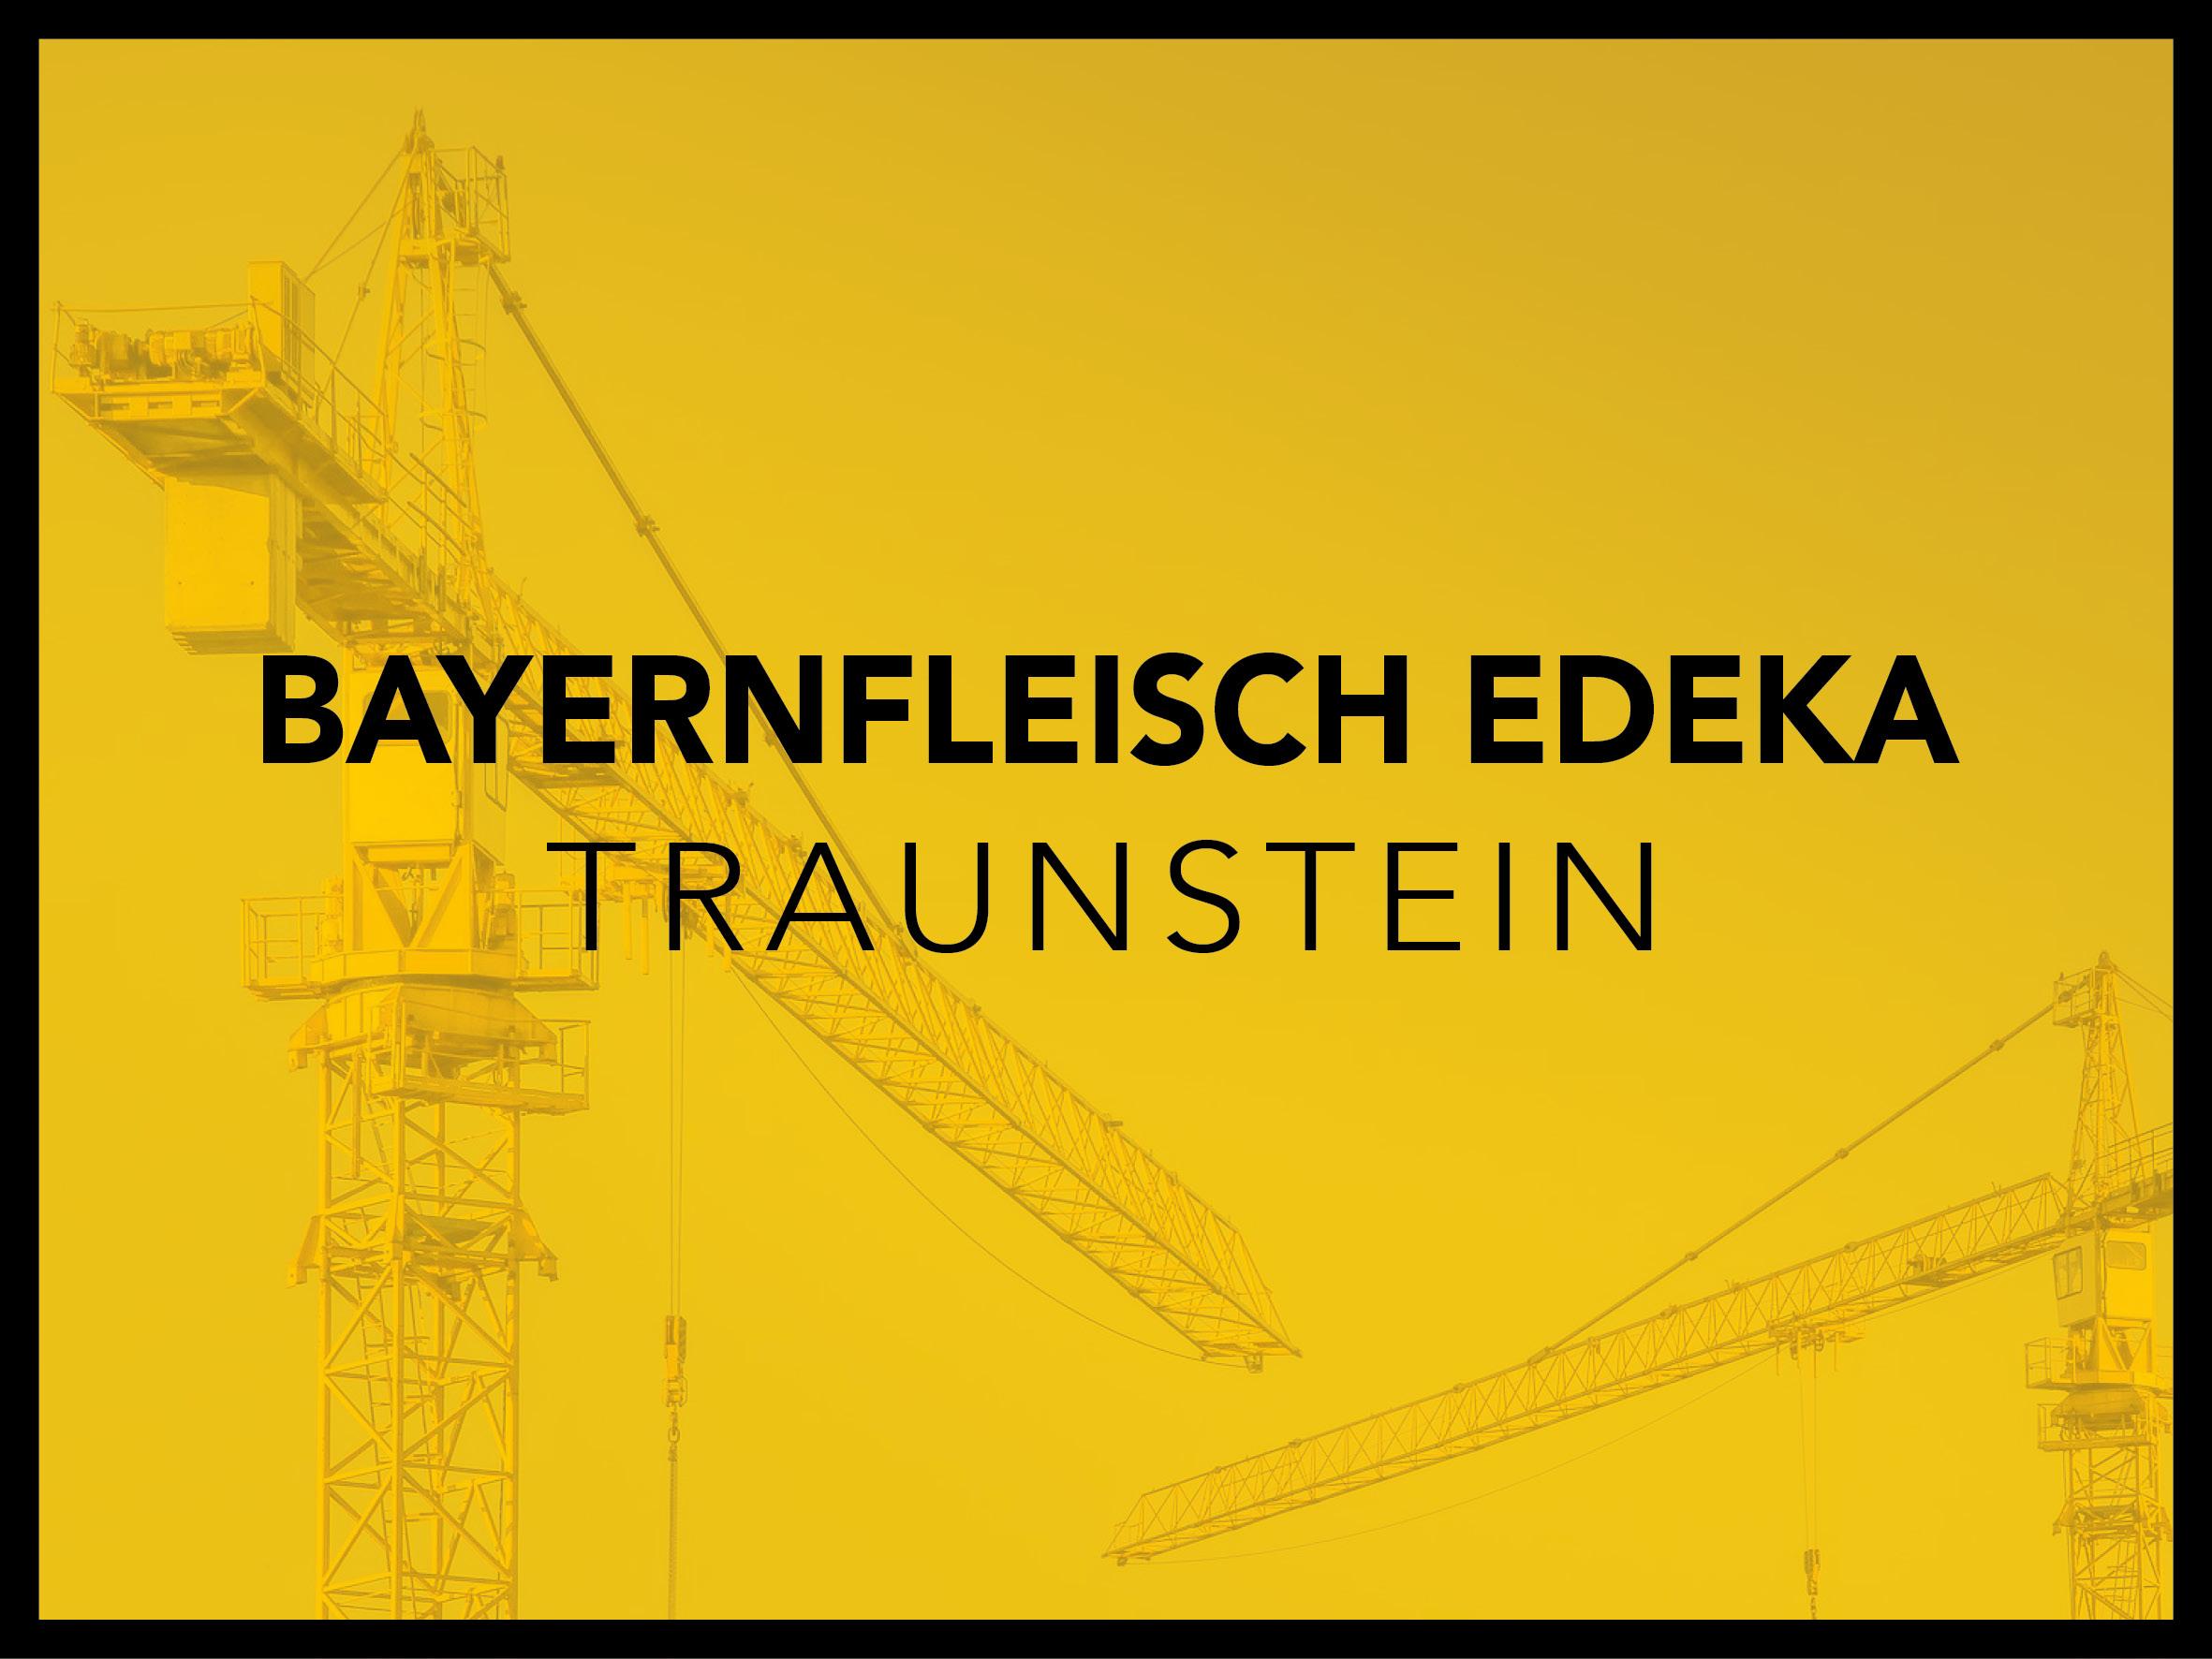 Bayernfleisch Edeka